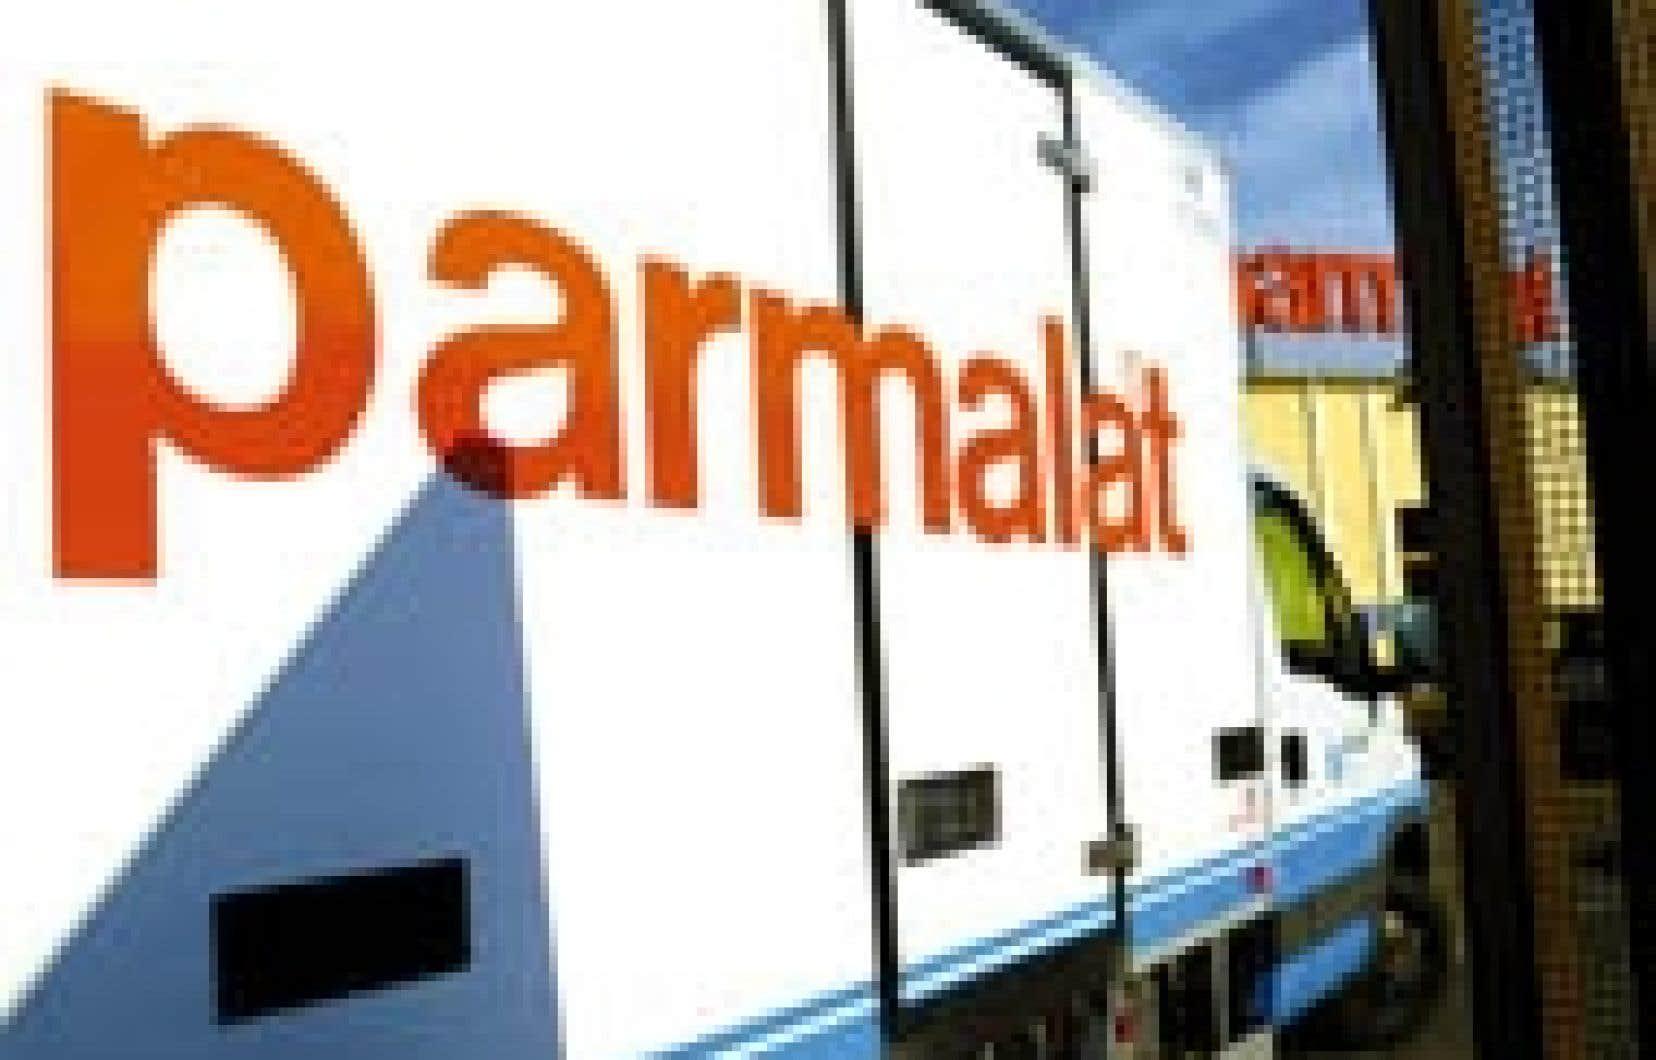 Le scandale Parmalat a pris une nouvelle ampleur hier en Italie avec l'annonce de l'ouverture d'une enquête pénale à l'encontre du fondateur et de deux anciens directeurs financiers du groupe agroalimentaire au bord de la faillite. Le nouveau